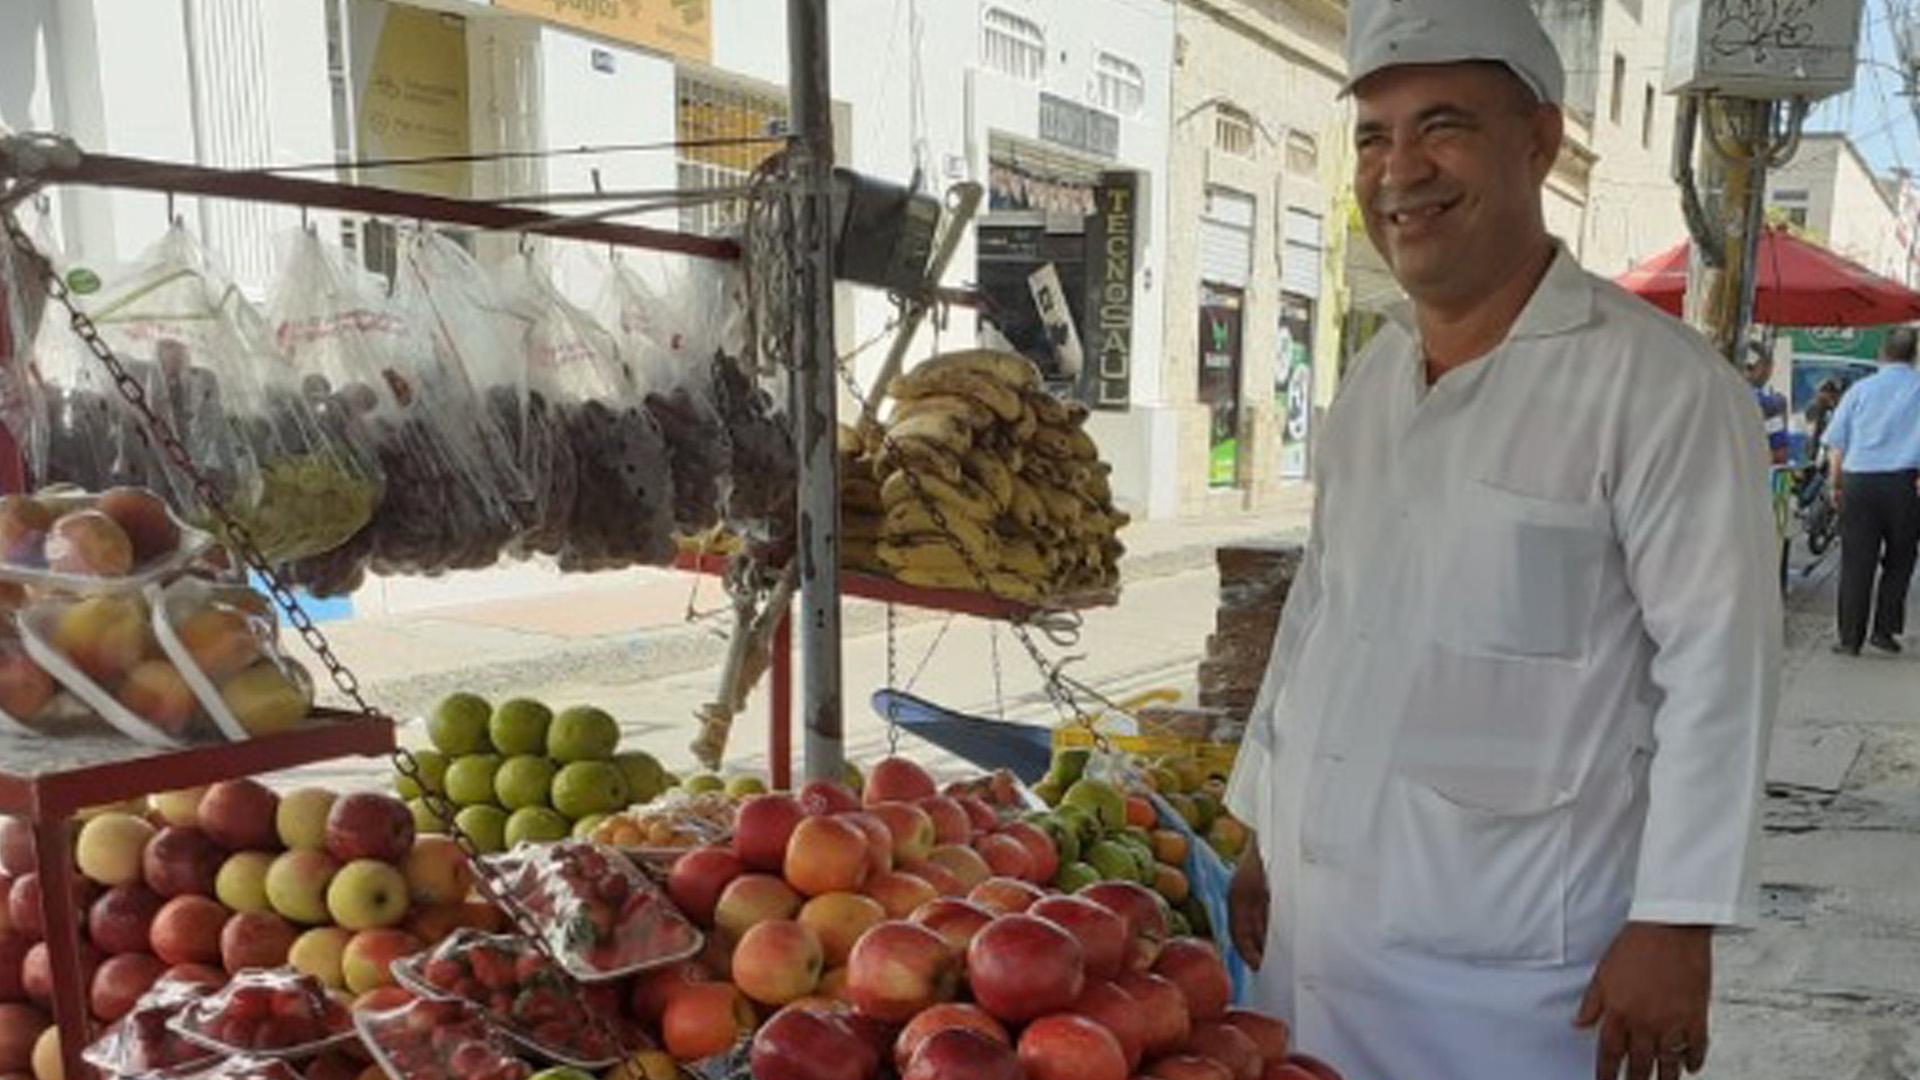 Jeisson Arévalo lleva 26 años vendiendo fruta en Santa Marta. La mayoría son peras y manzanas.